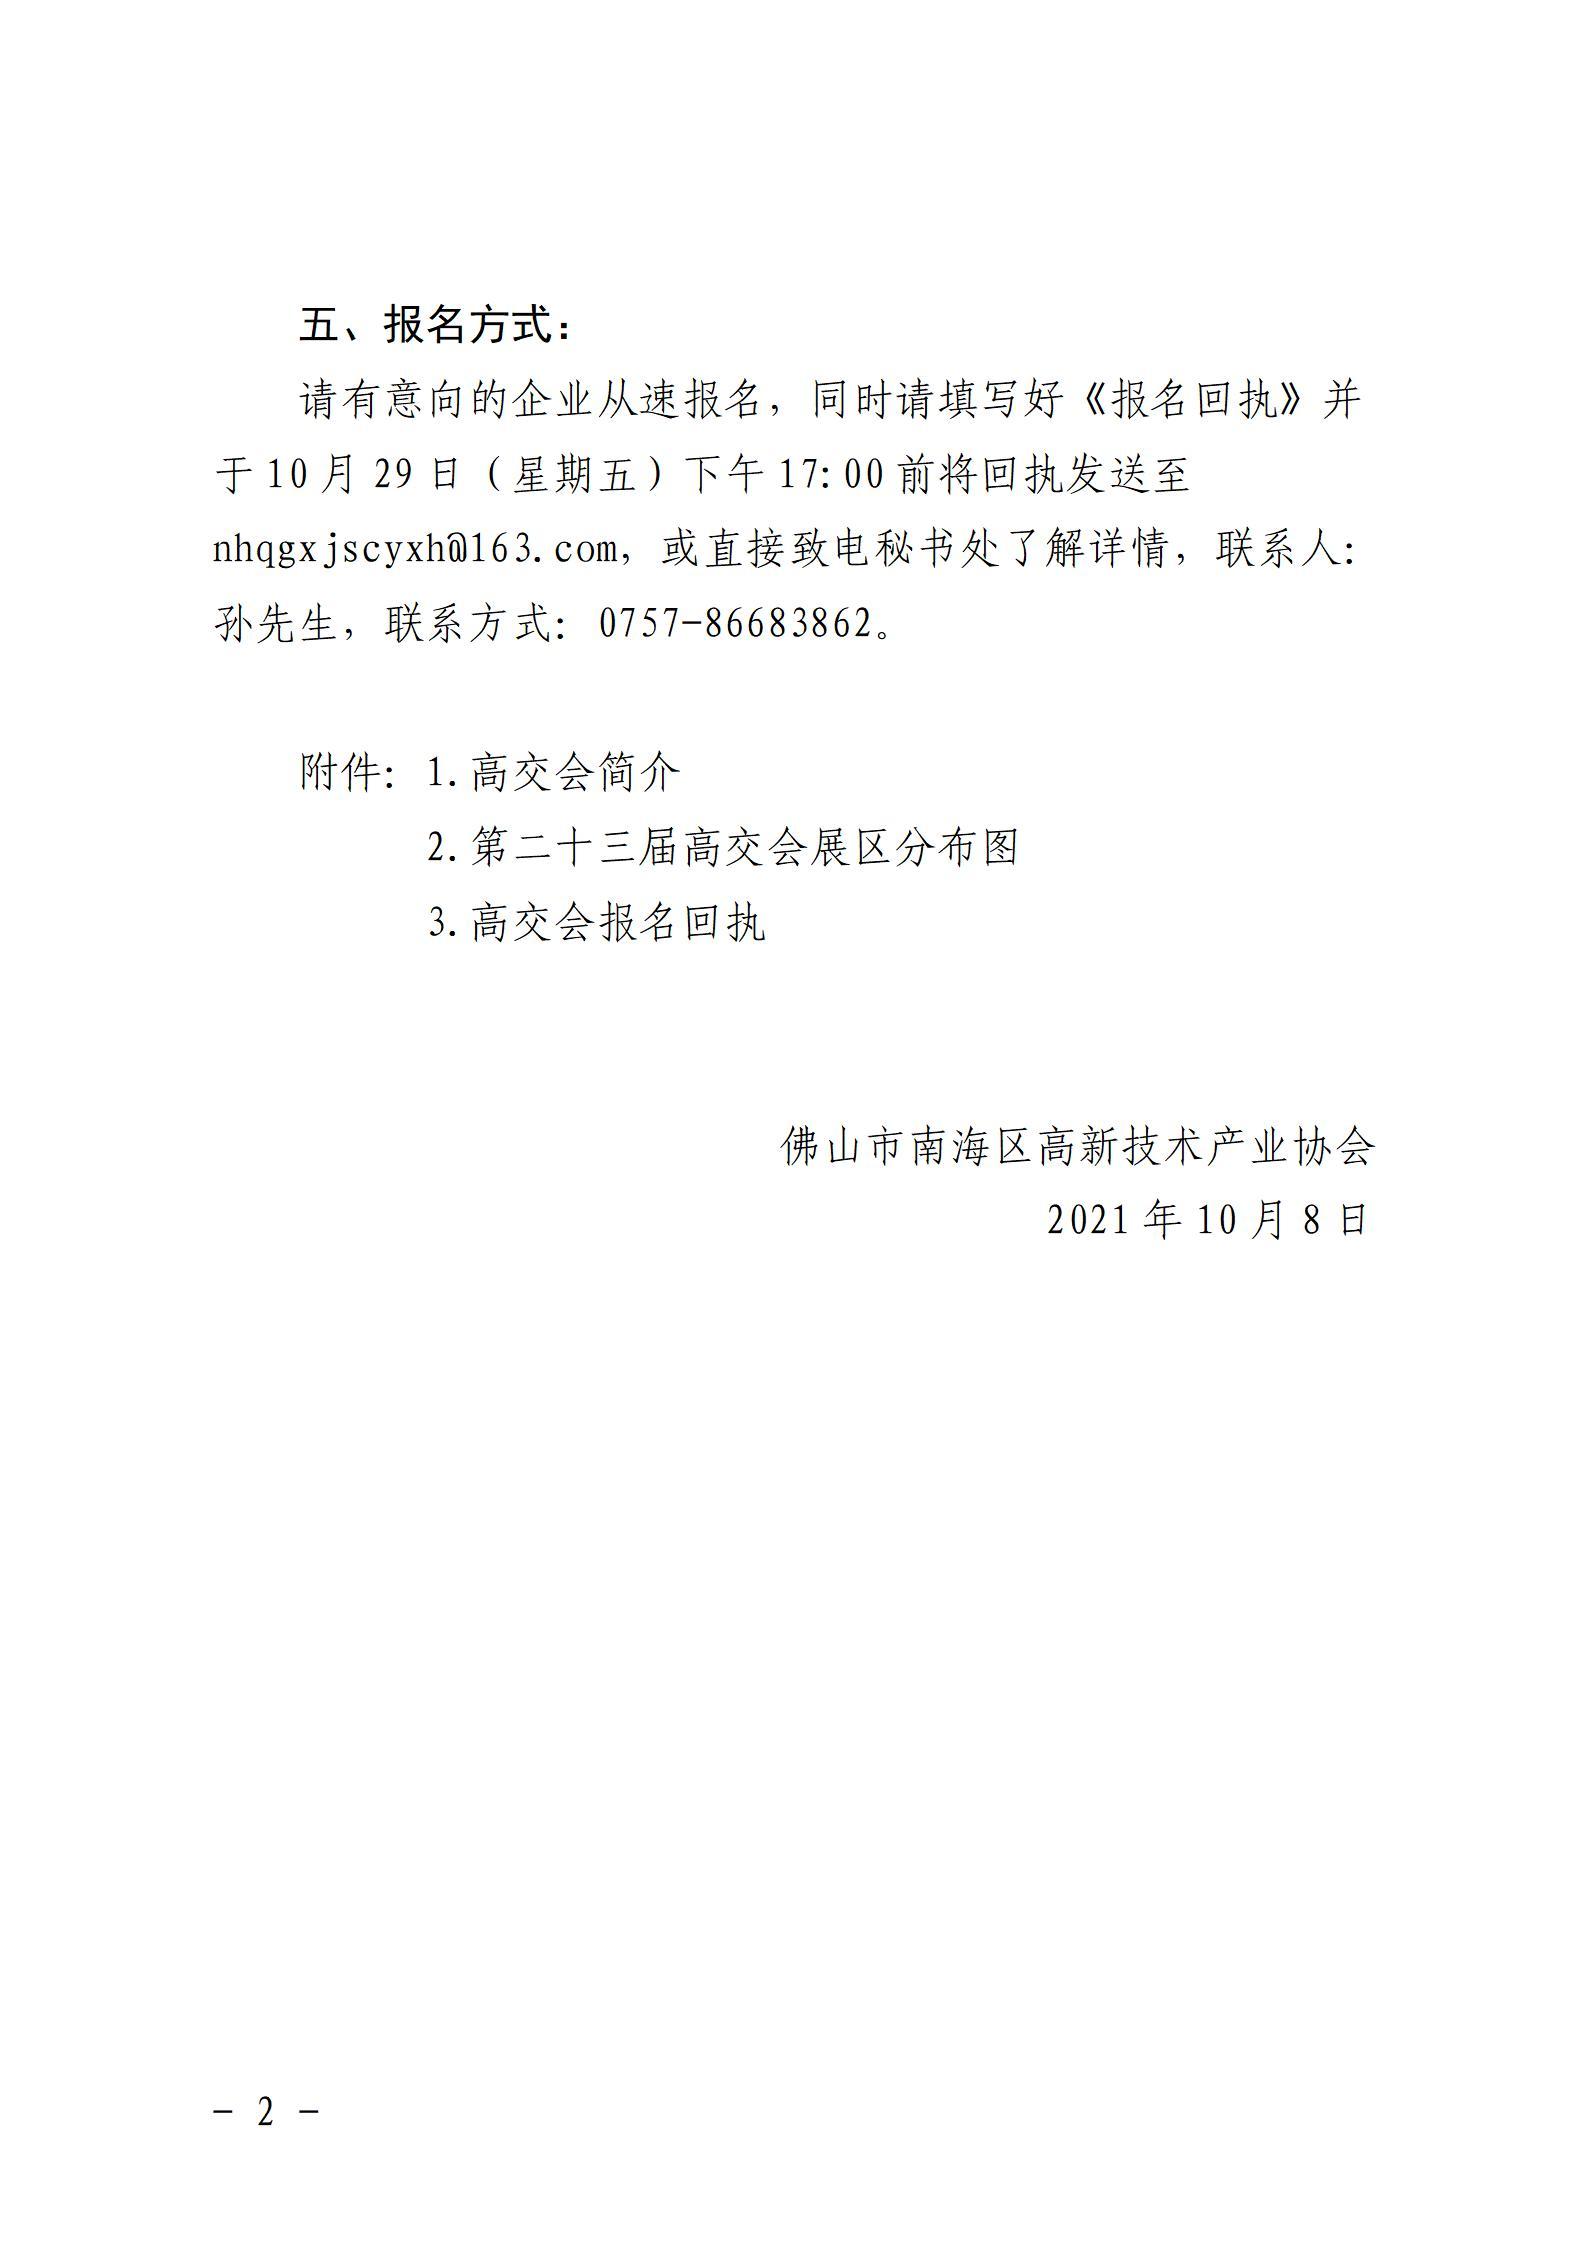 关于赴第二十三届中国国际高新技术成果交易会观展的通知_02.jpg